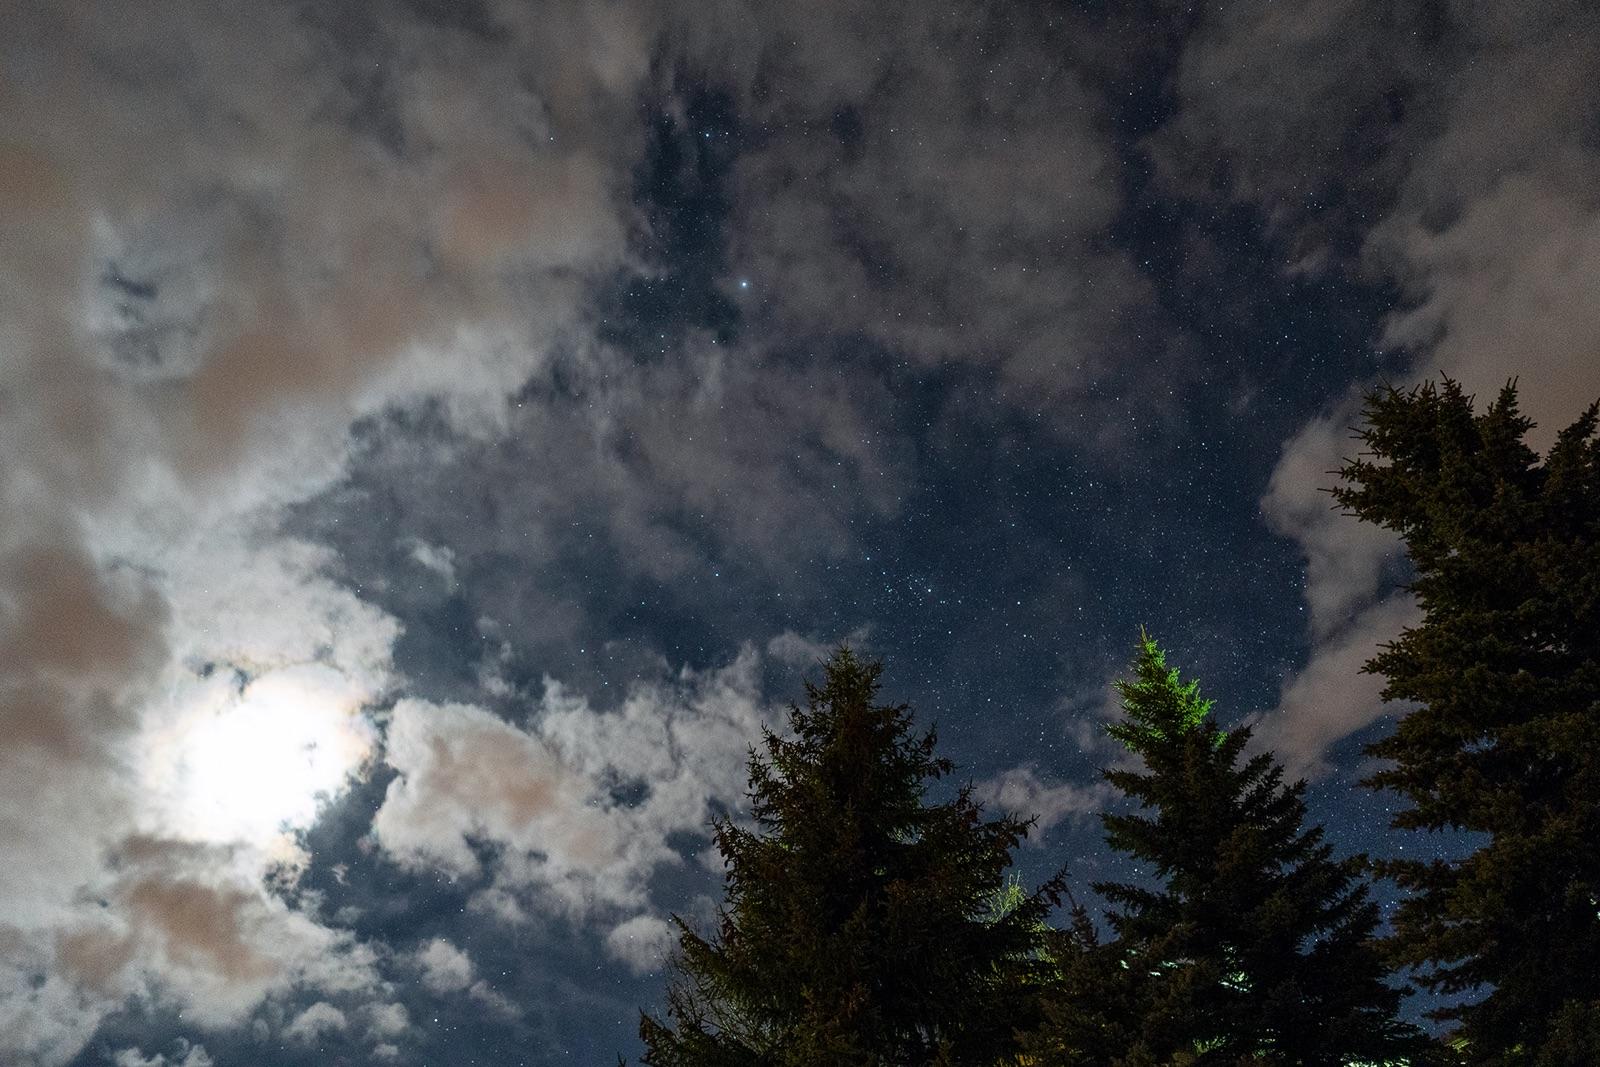 foto van lucht en bomen bij nacht waarbij je de melkweg ziet